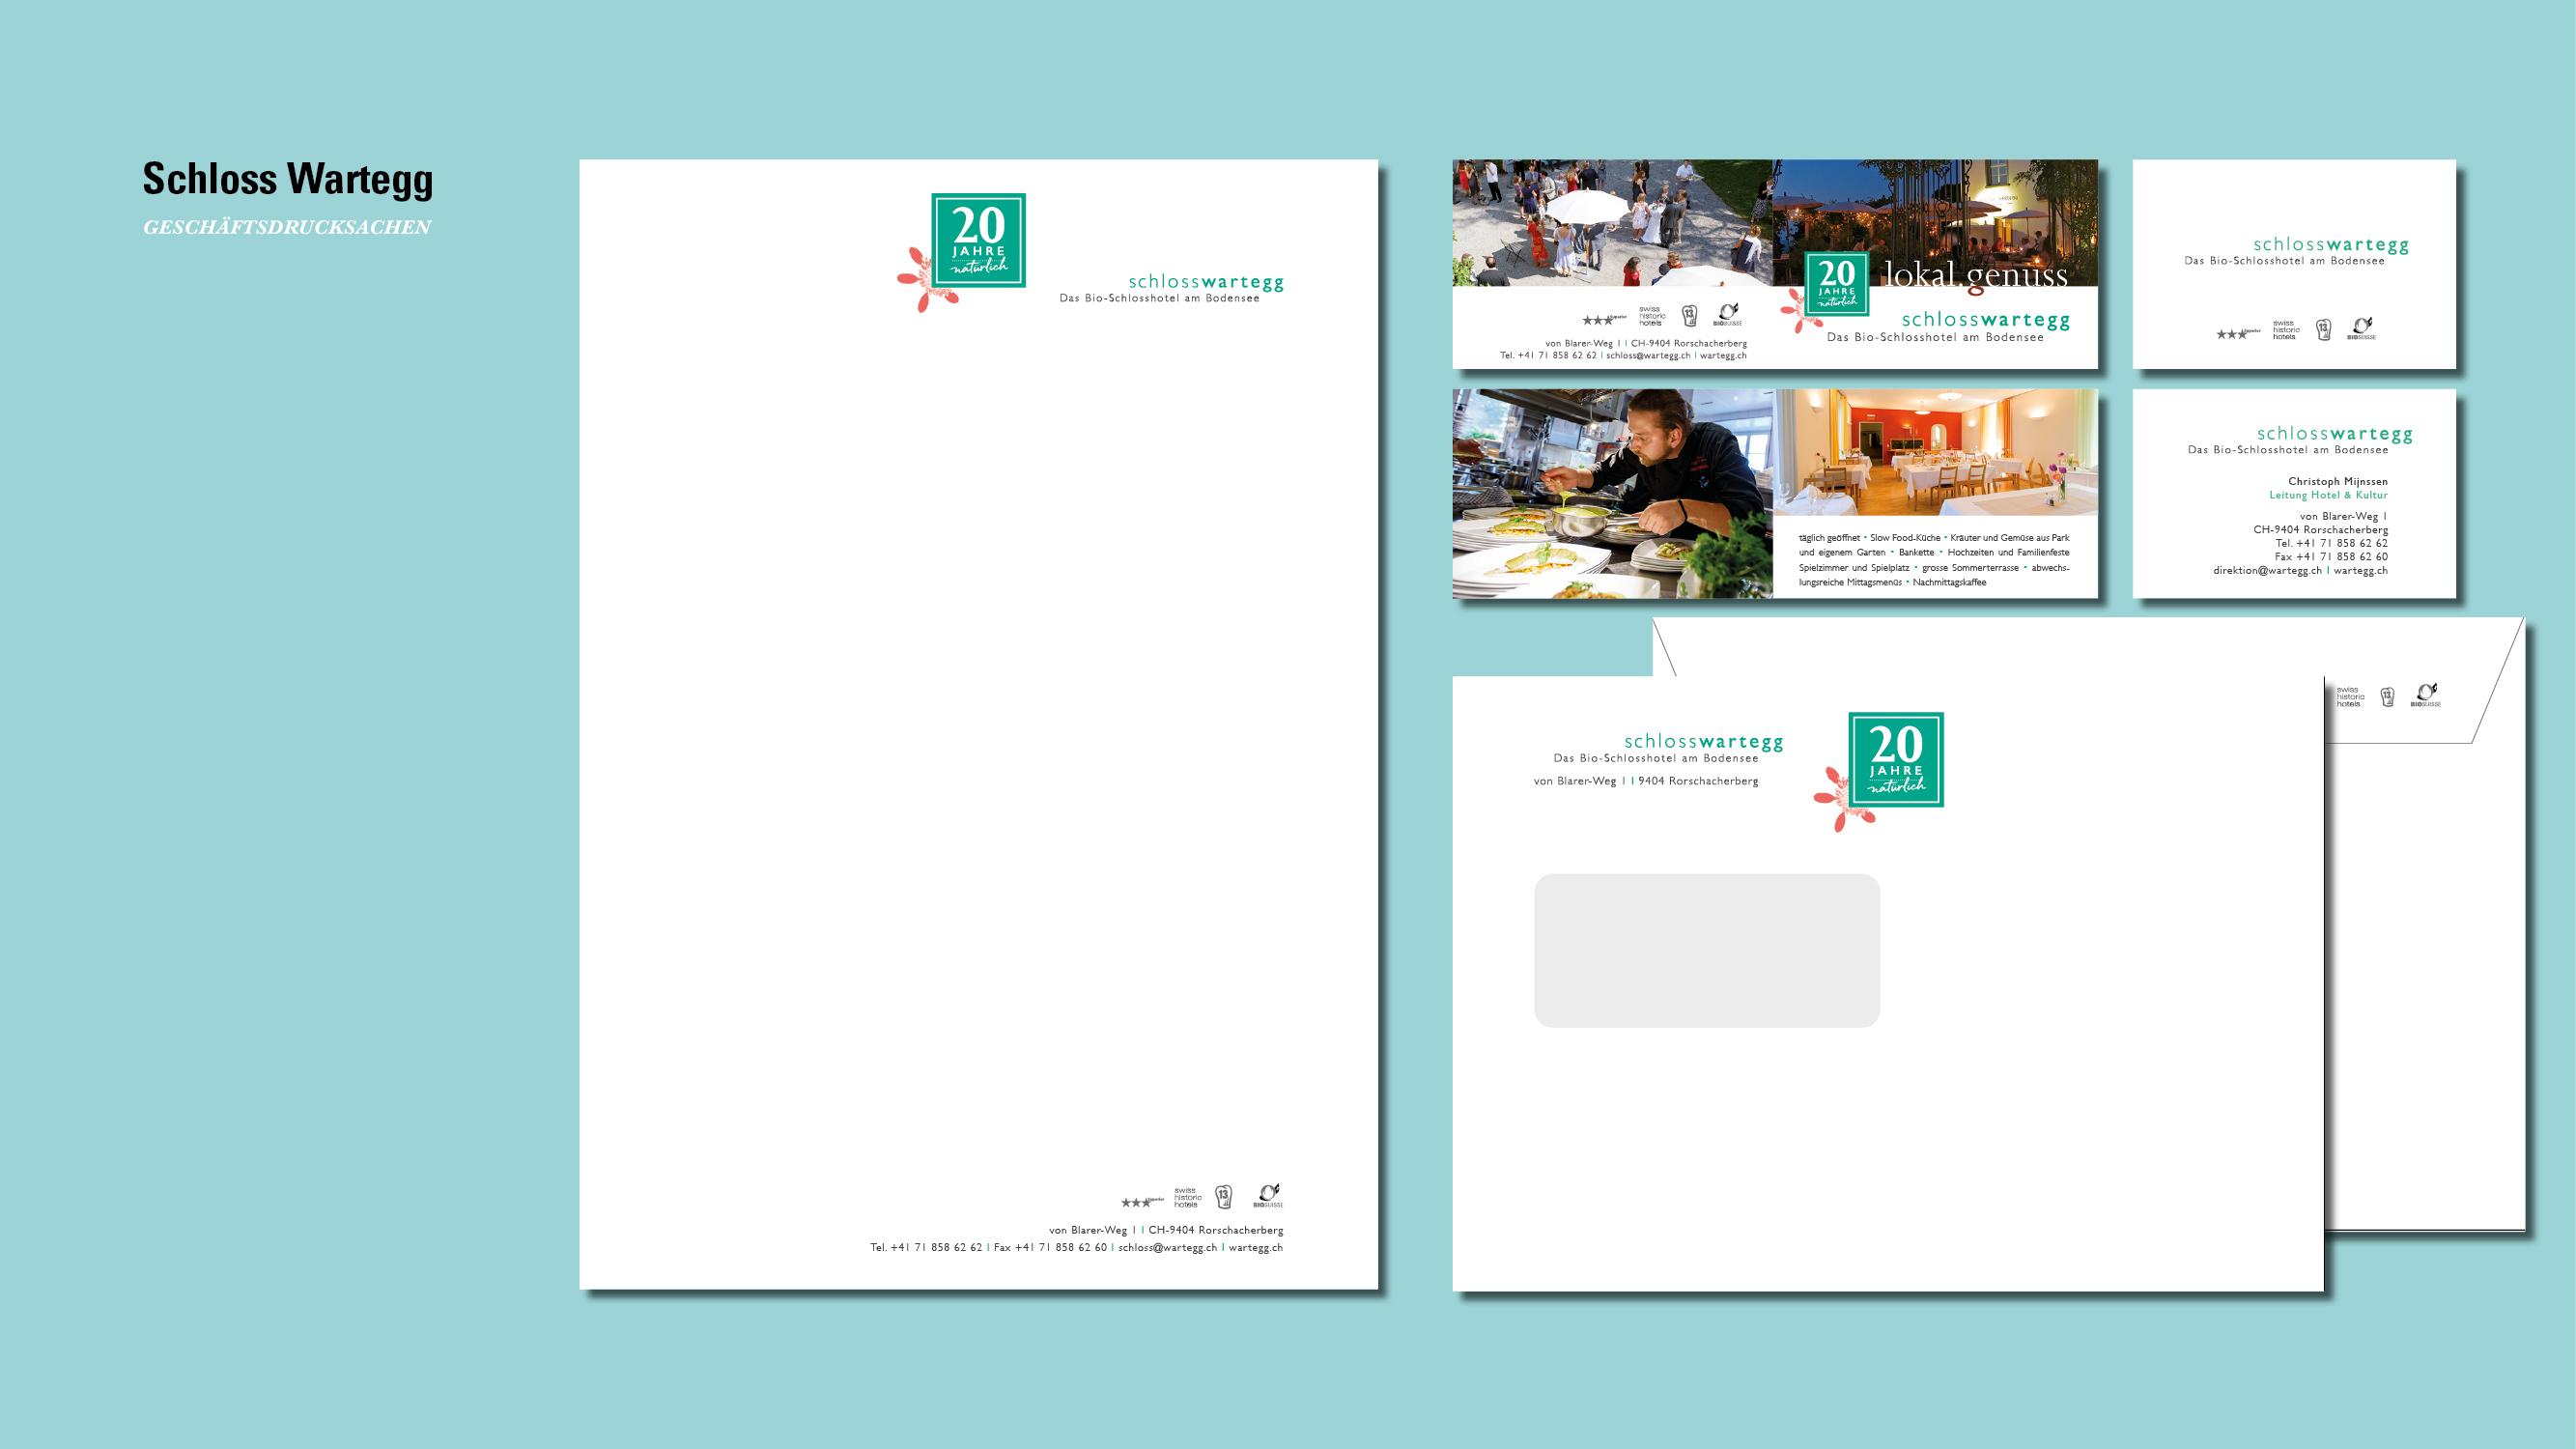 SW_Geschaeftsdrucksachen.jpg